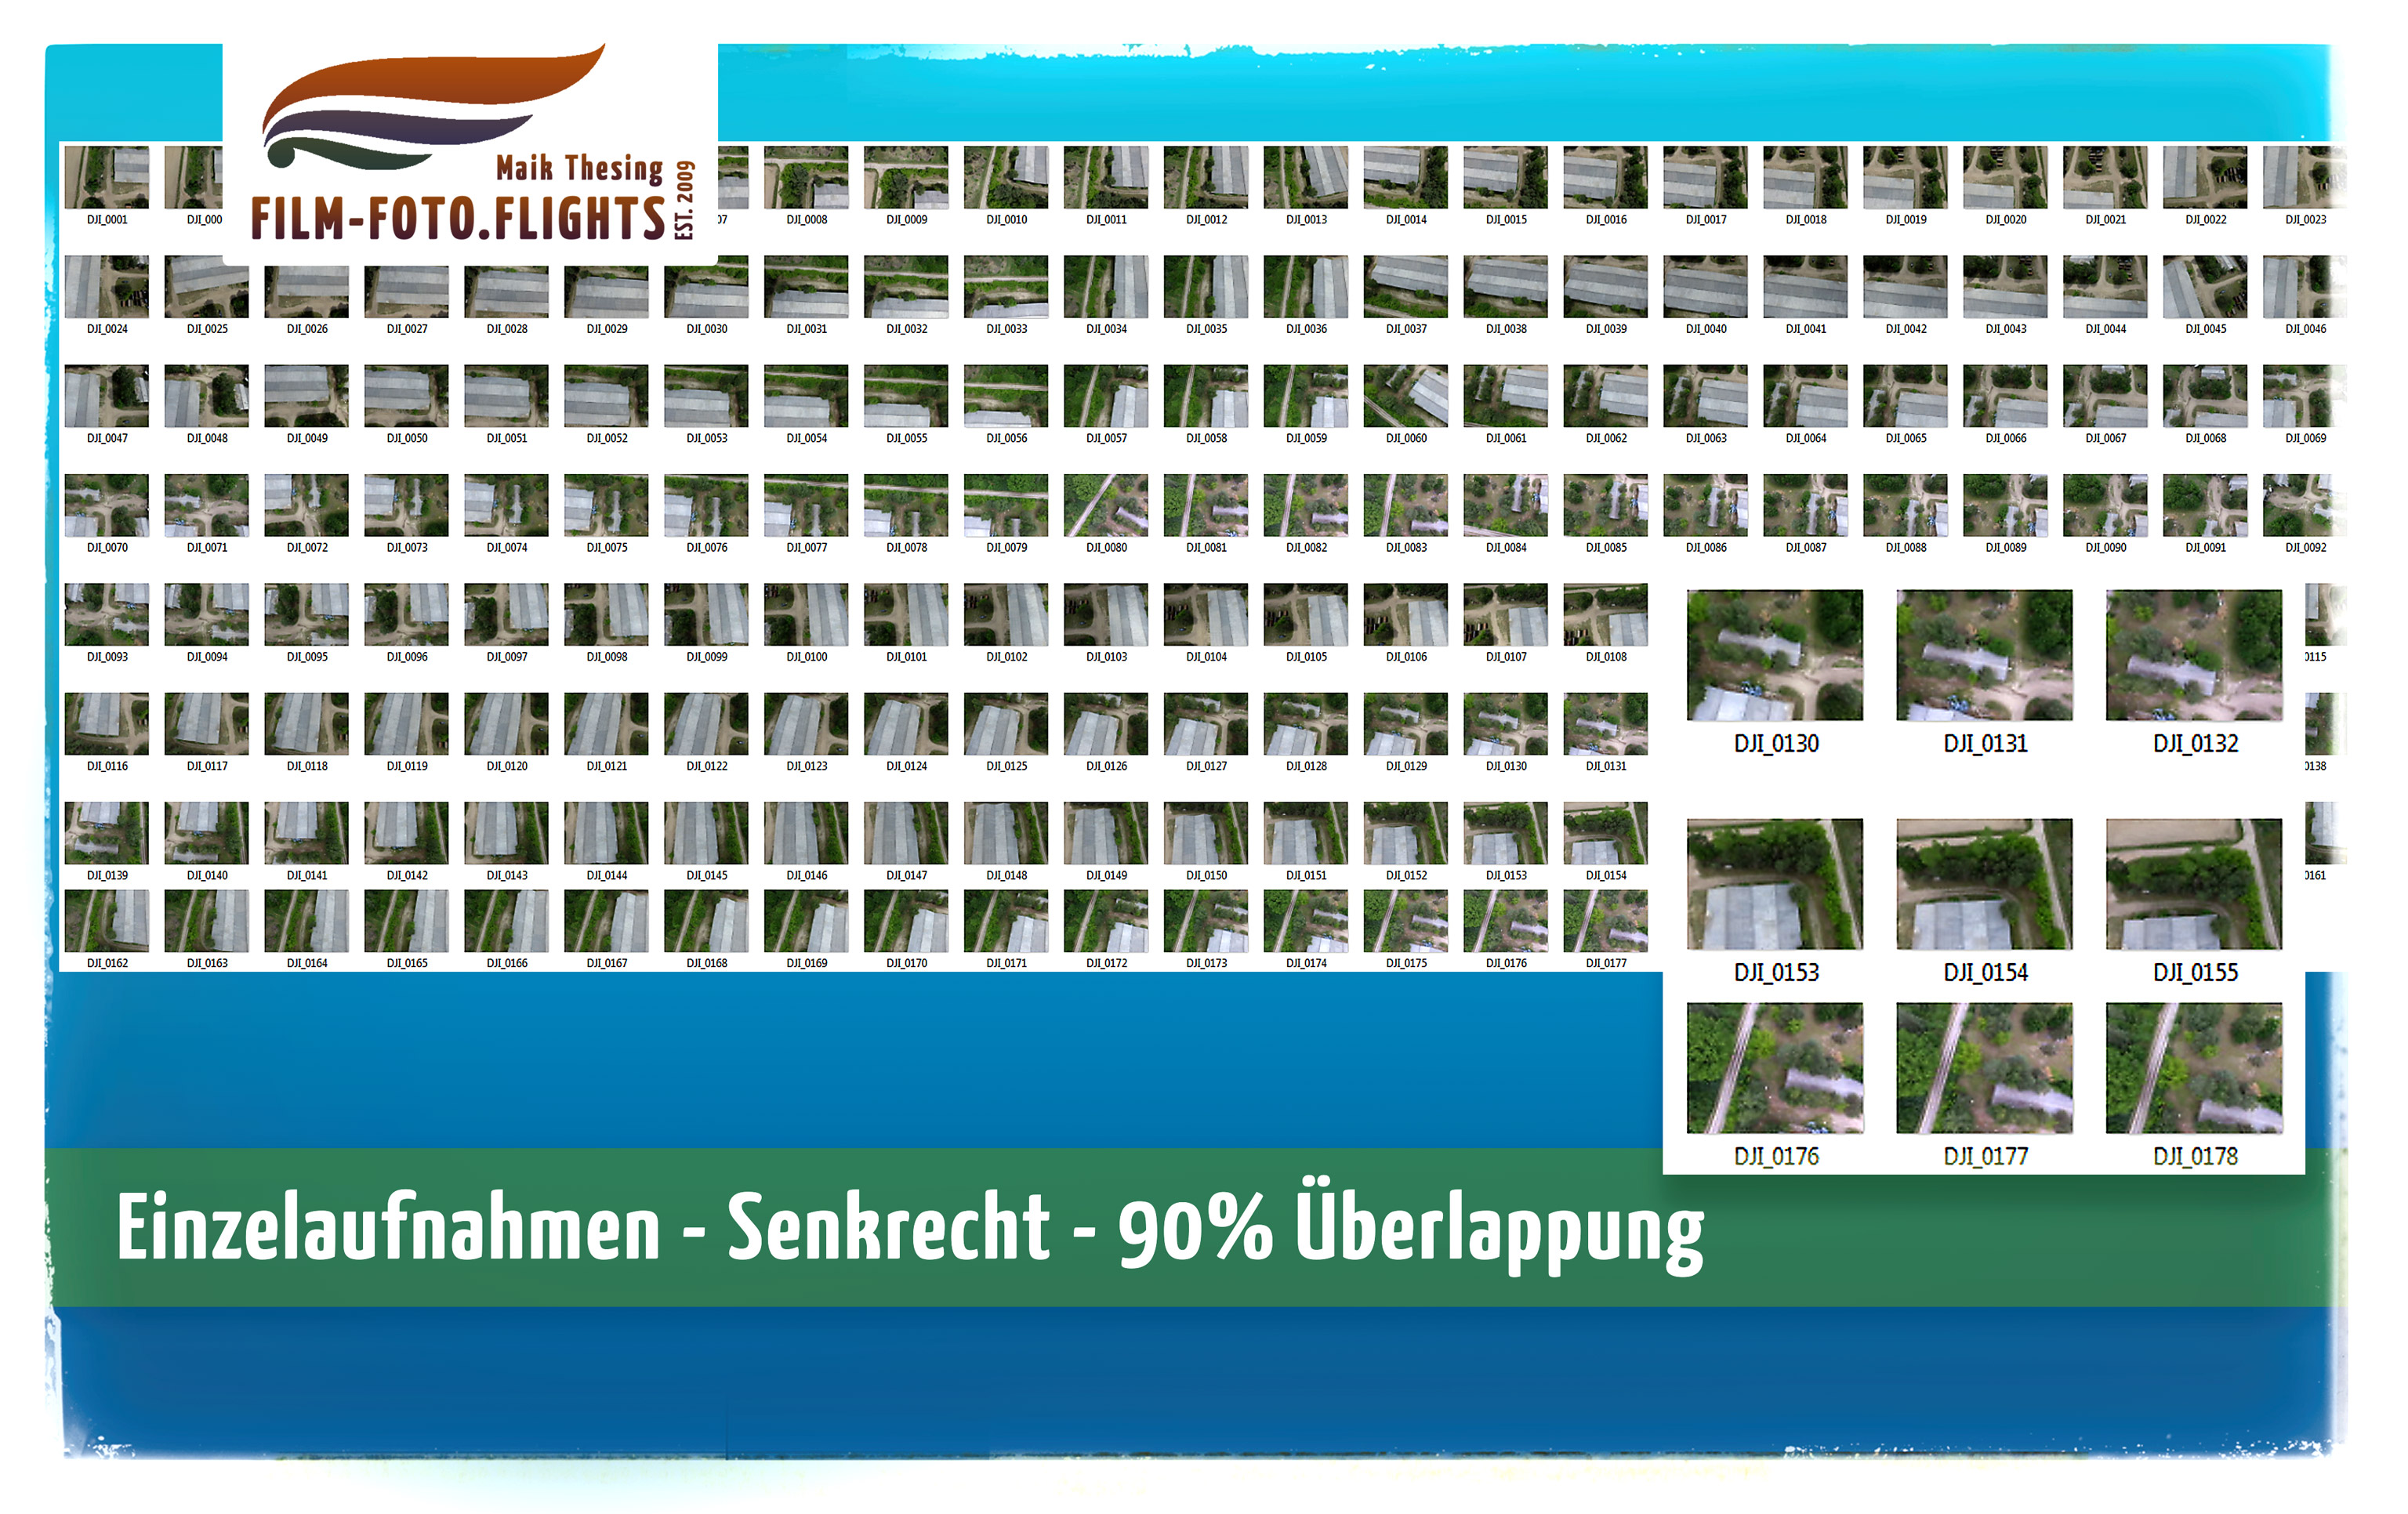 orthofoto-ueberfliegung-ueberlappung-drohne-senkrechtaufnahmen-photogrammetrie-gelaendemodell-geodaesie-luftaufnahmen-luftbild-gardelegen-wolfsburg-leipzig-fotograf-videograf